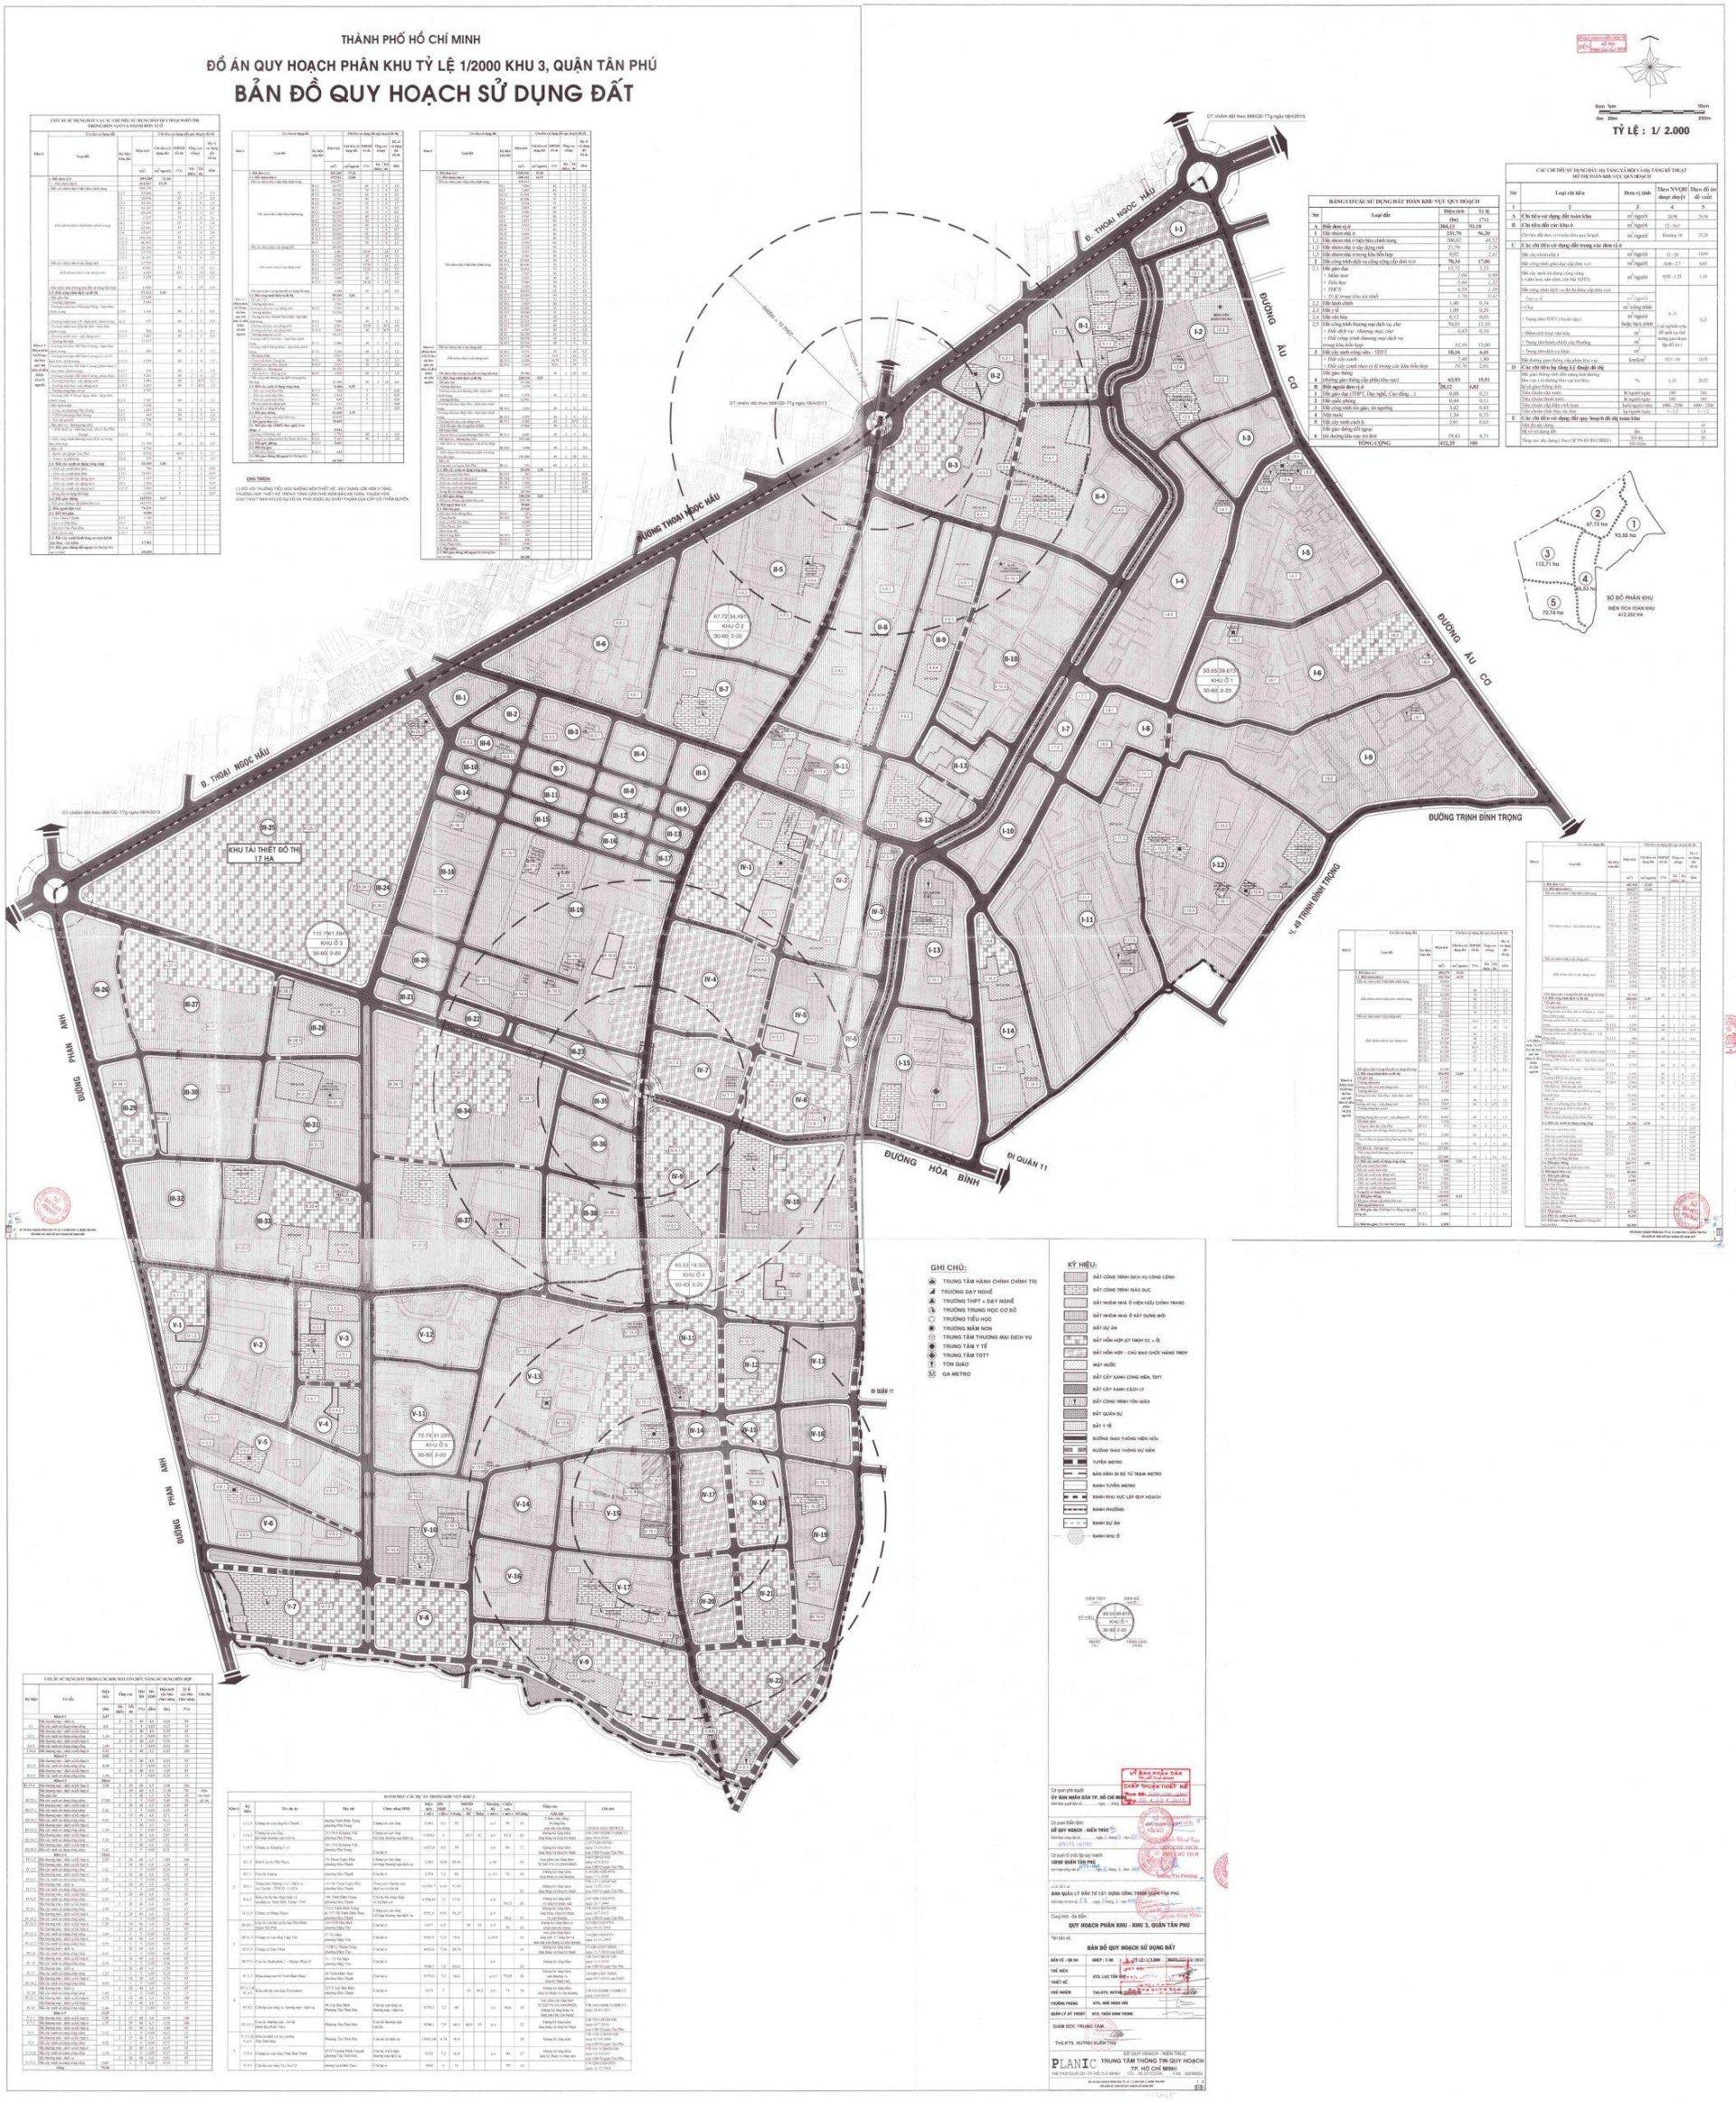 Bản đồ quy hoạch sử dụng đất ở khu vực 3 - Yeshouse